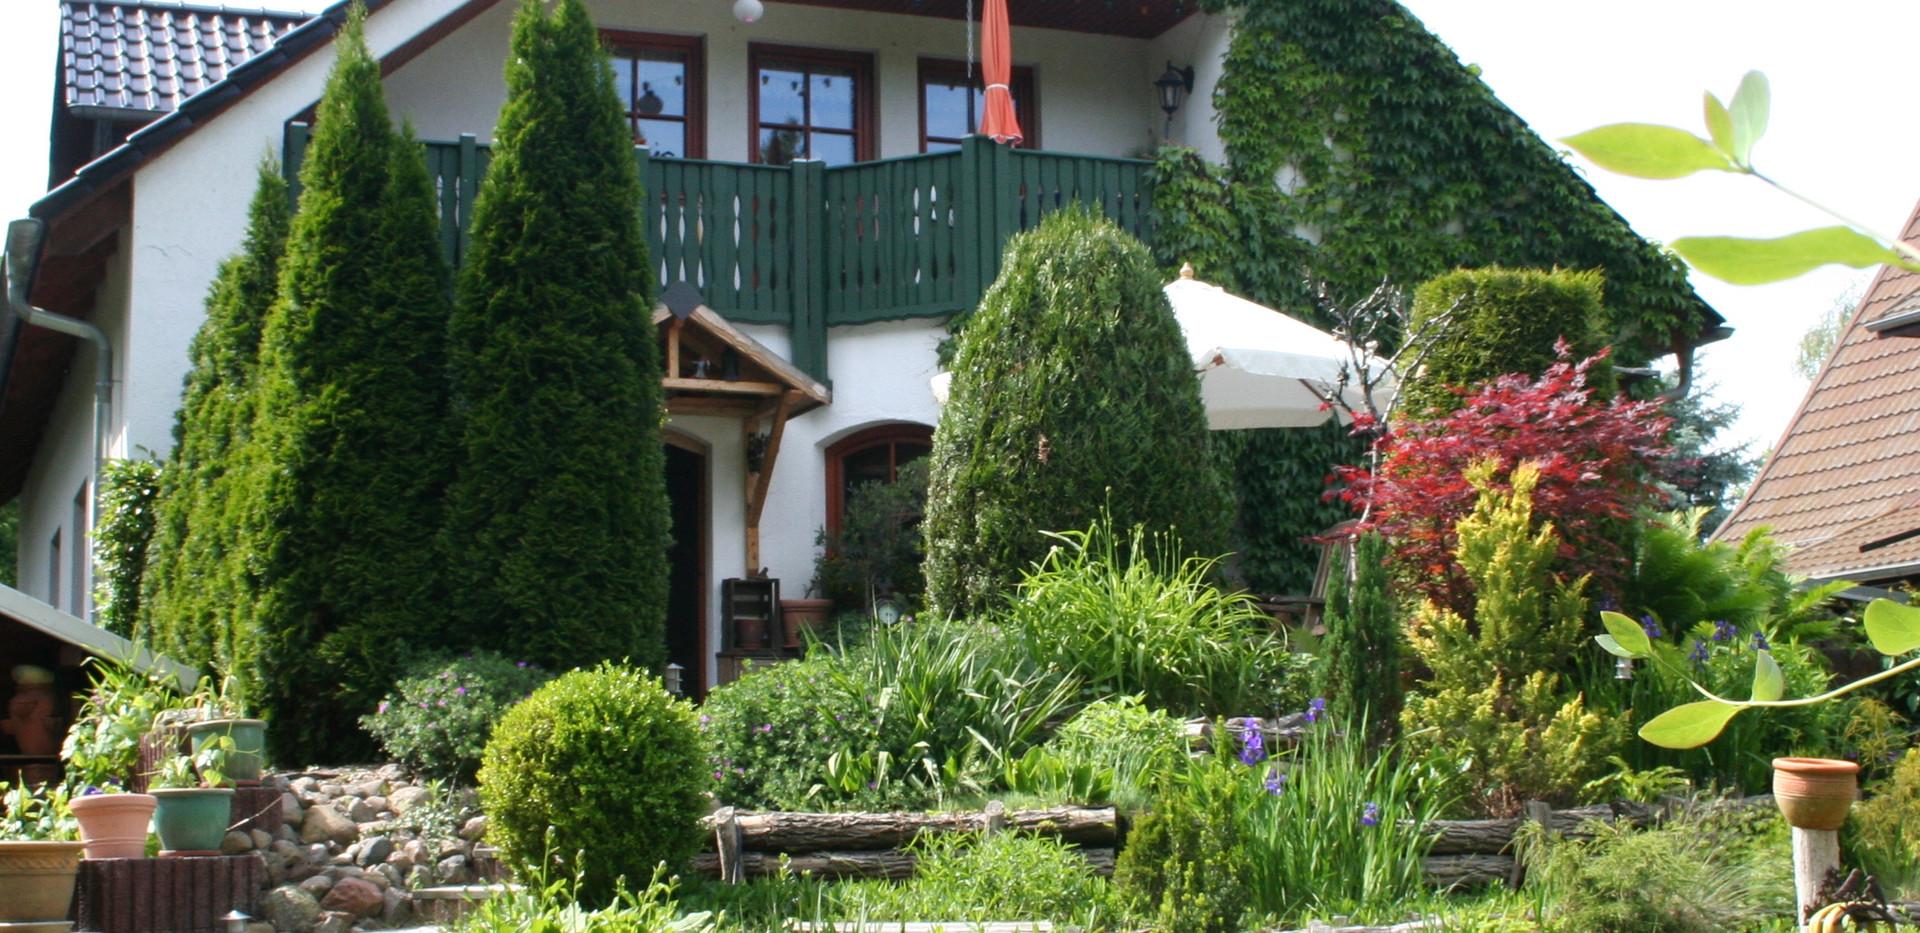 Forsthaus Fichtenau-Gartenansicht.JPG